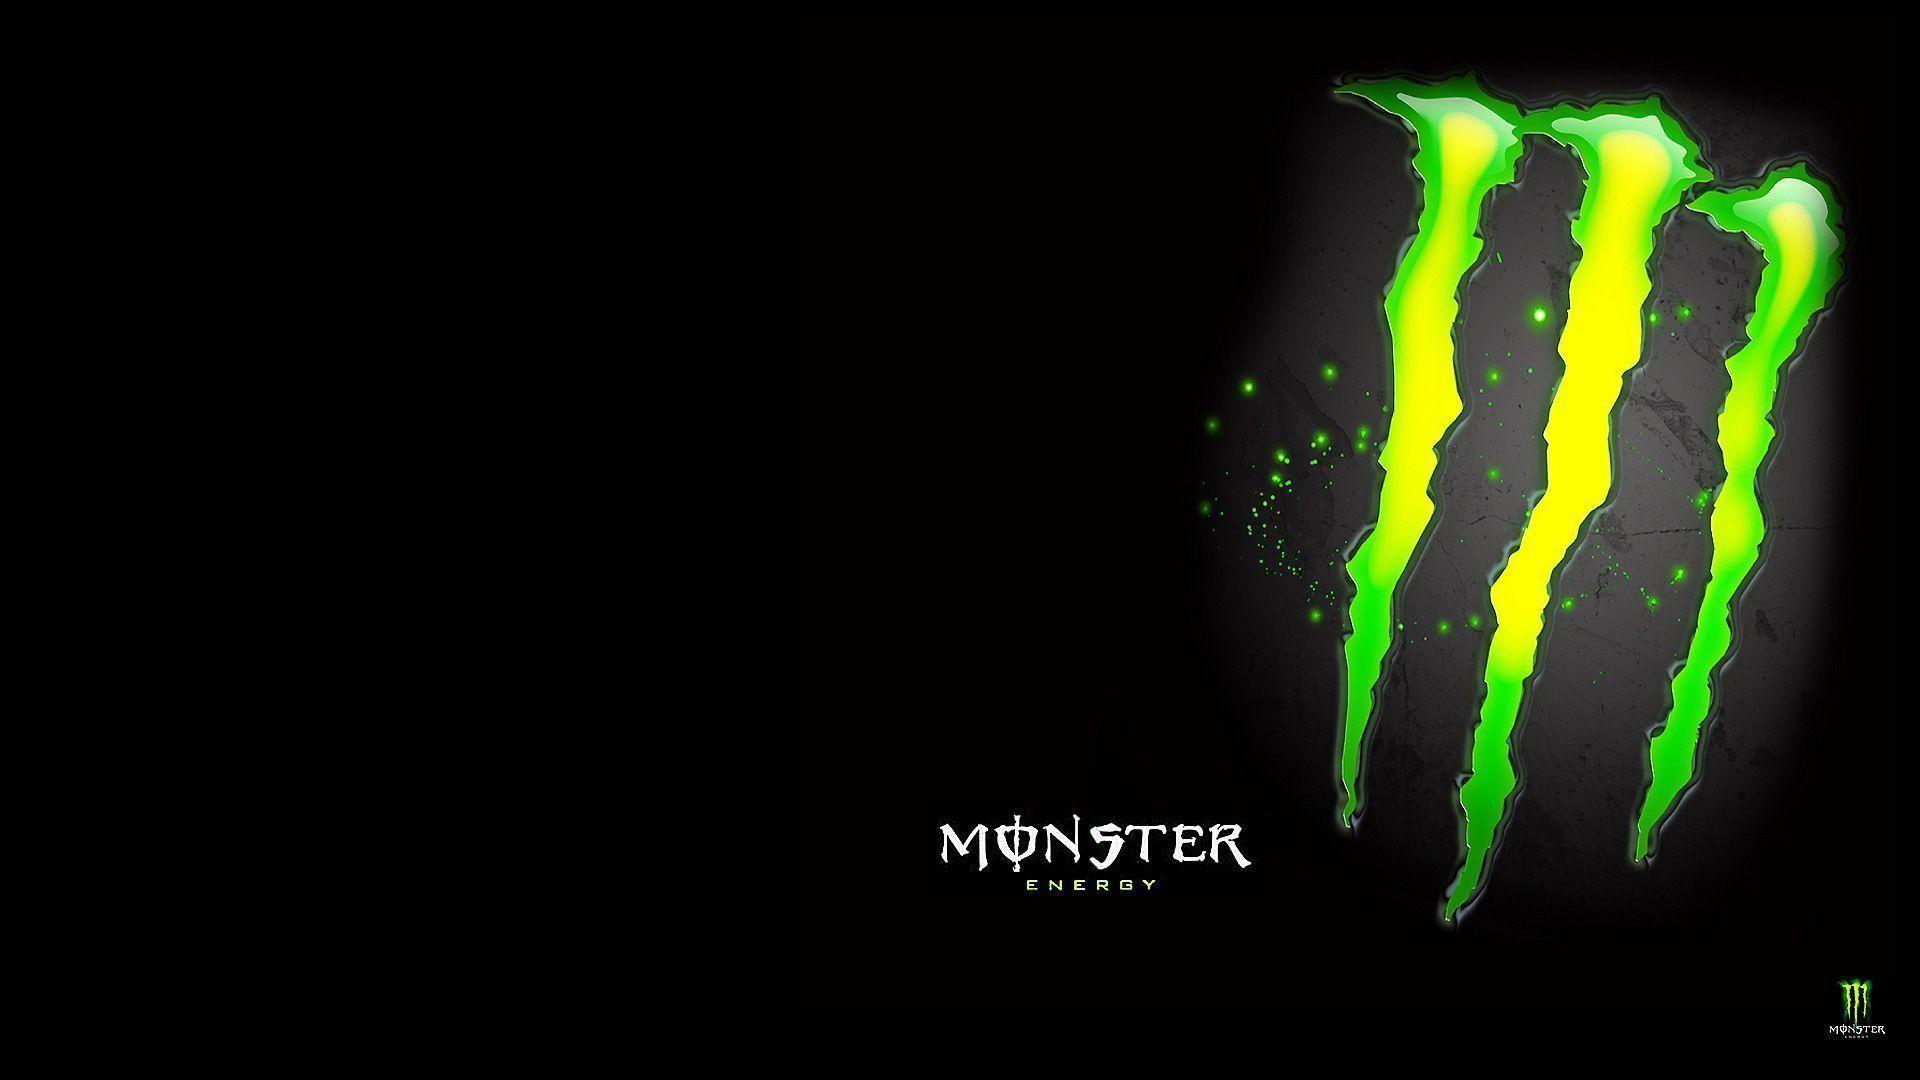 Rockstar Energy Drink Wallpaper - Monster Energy Color Palette - HD Wallpaper